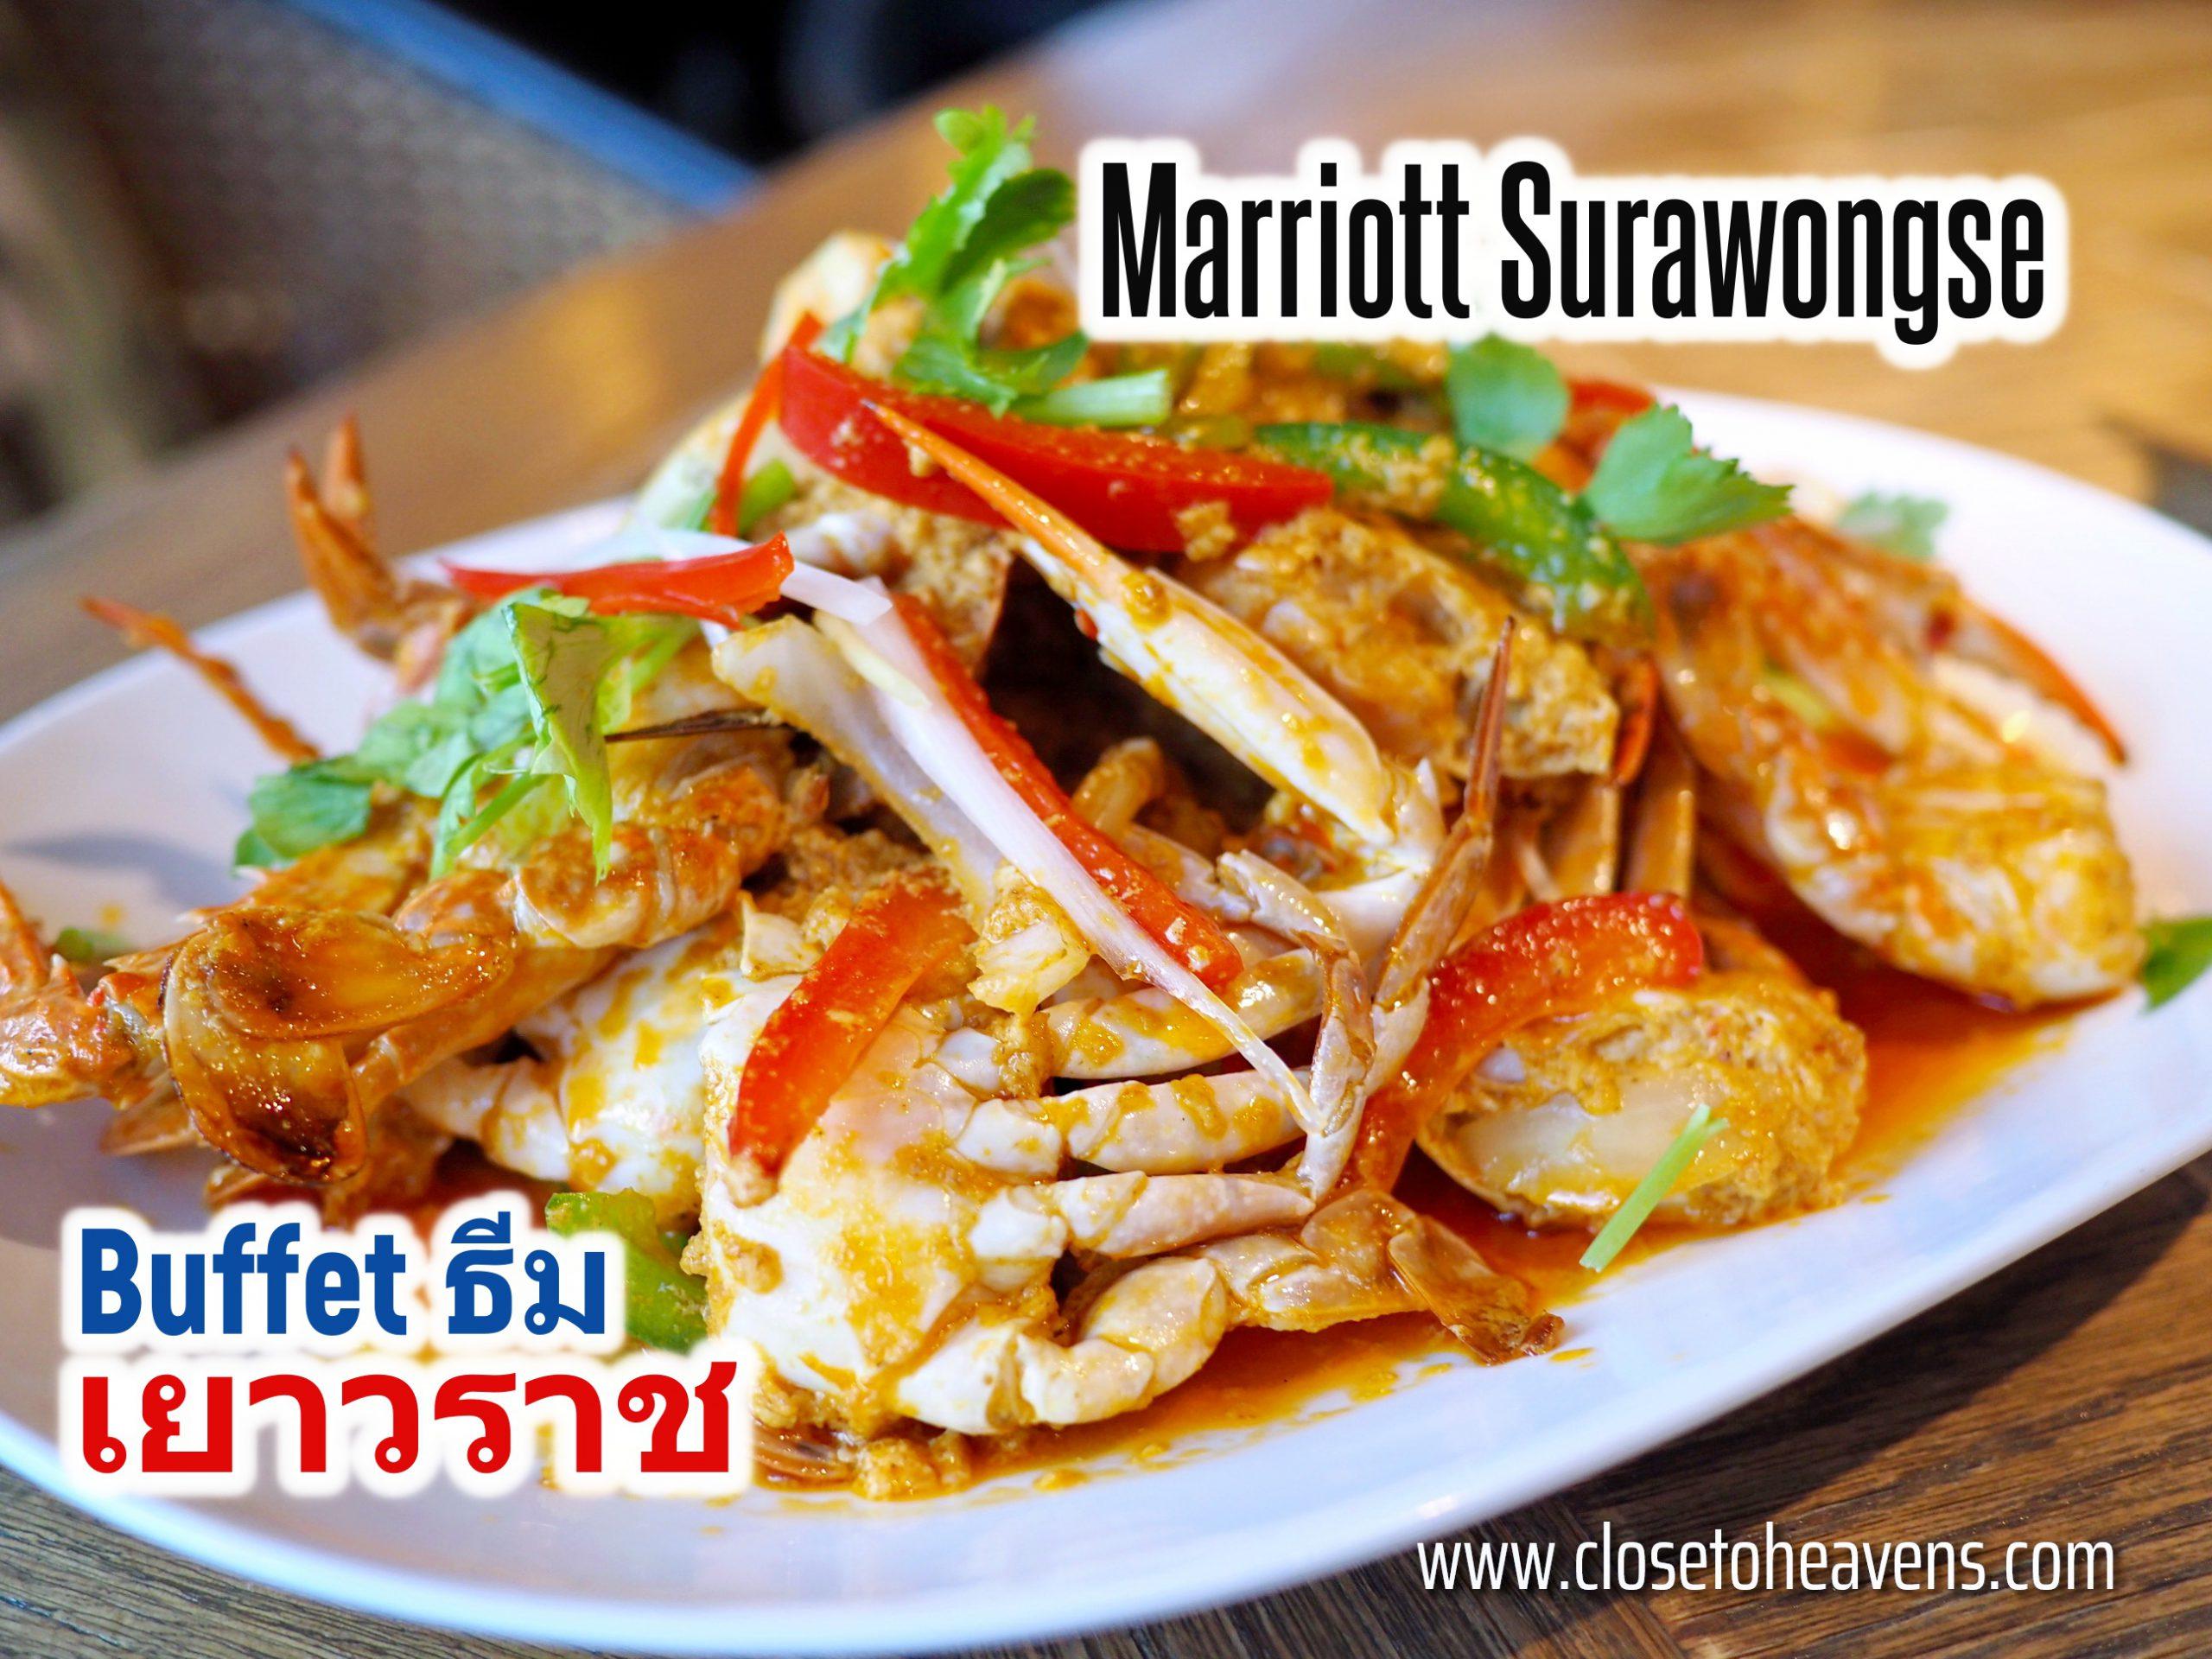 Marriott Surawongse โปรโมชั่น บุฟเฟ่ต์ ธีม เยาวราช